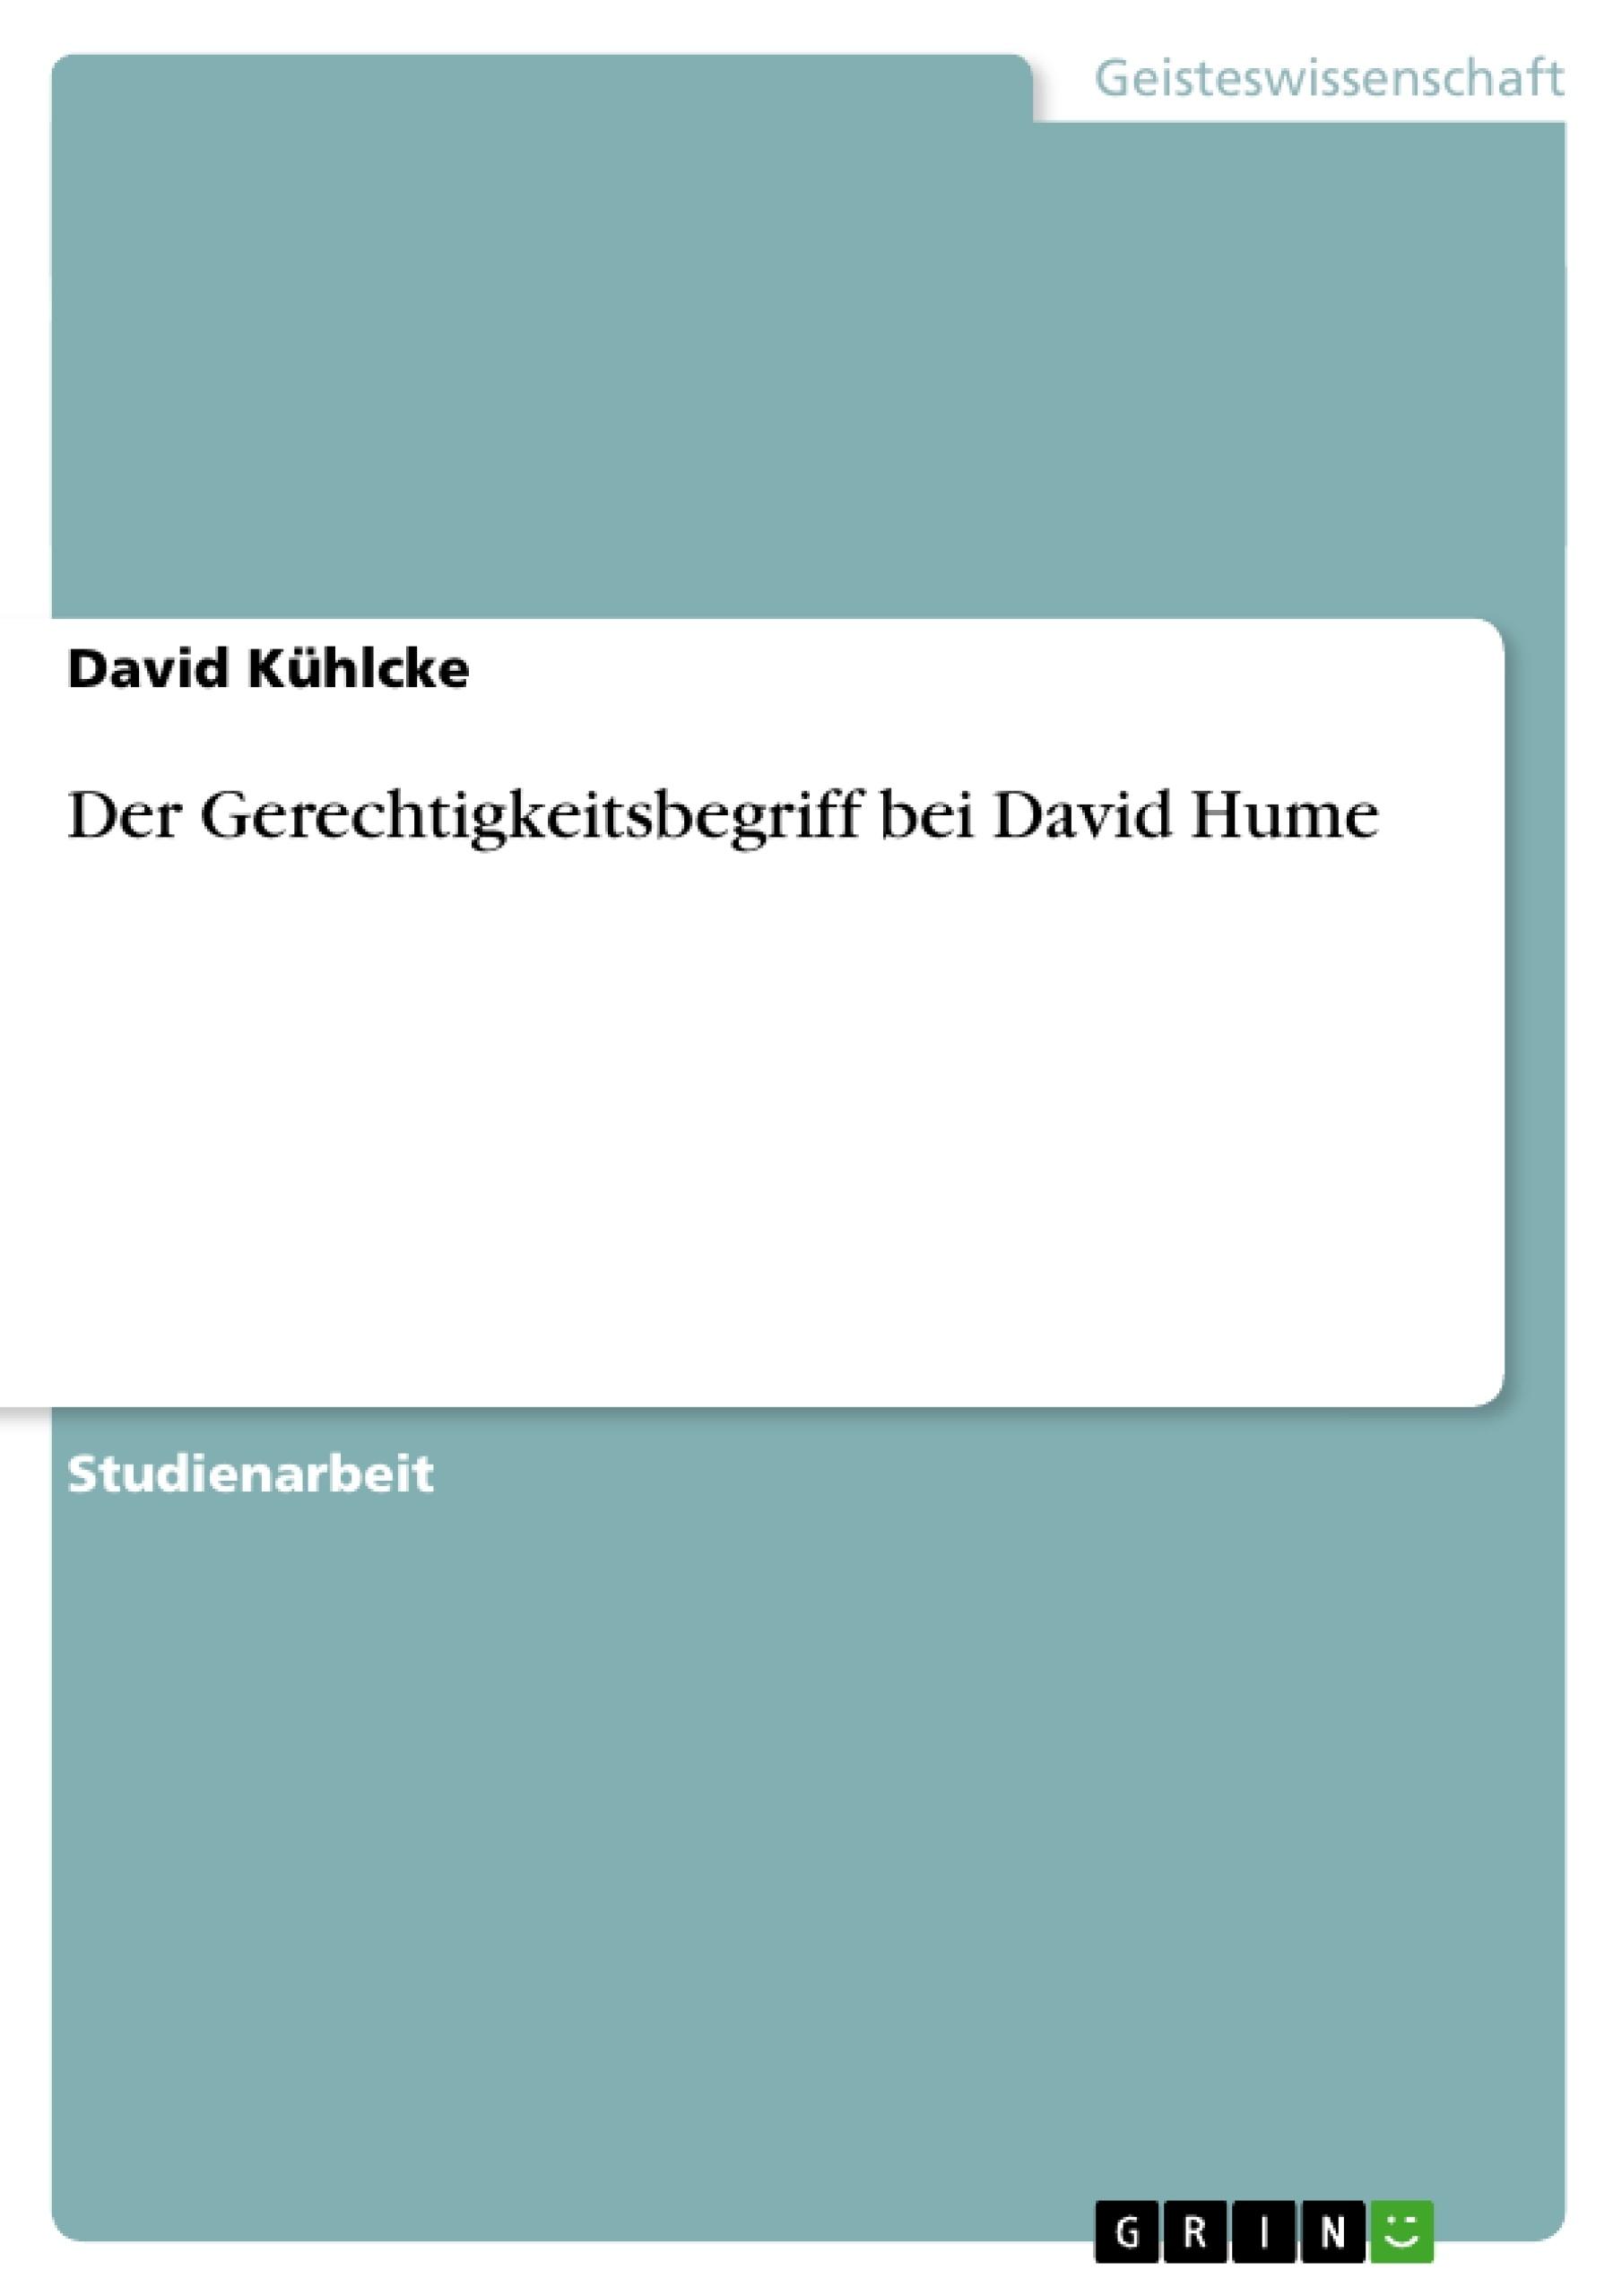 Titel: Der Gerechtigkeitsbegriff bei David Hume